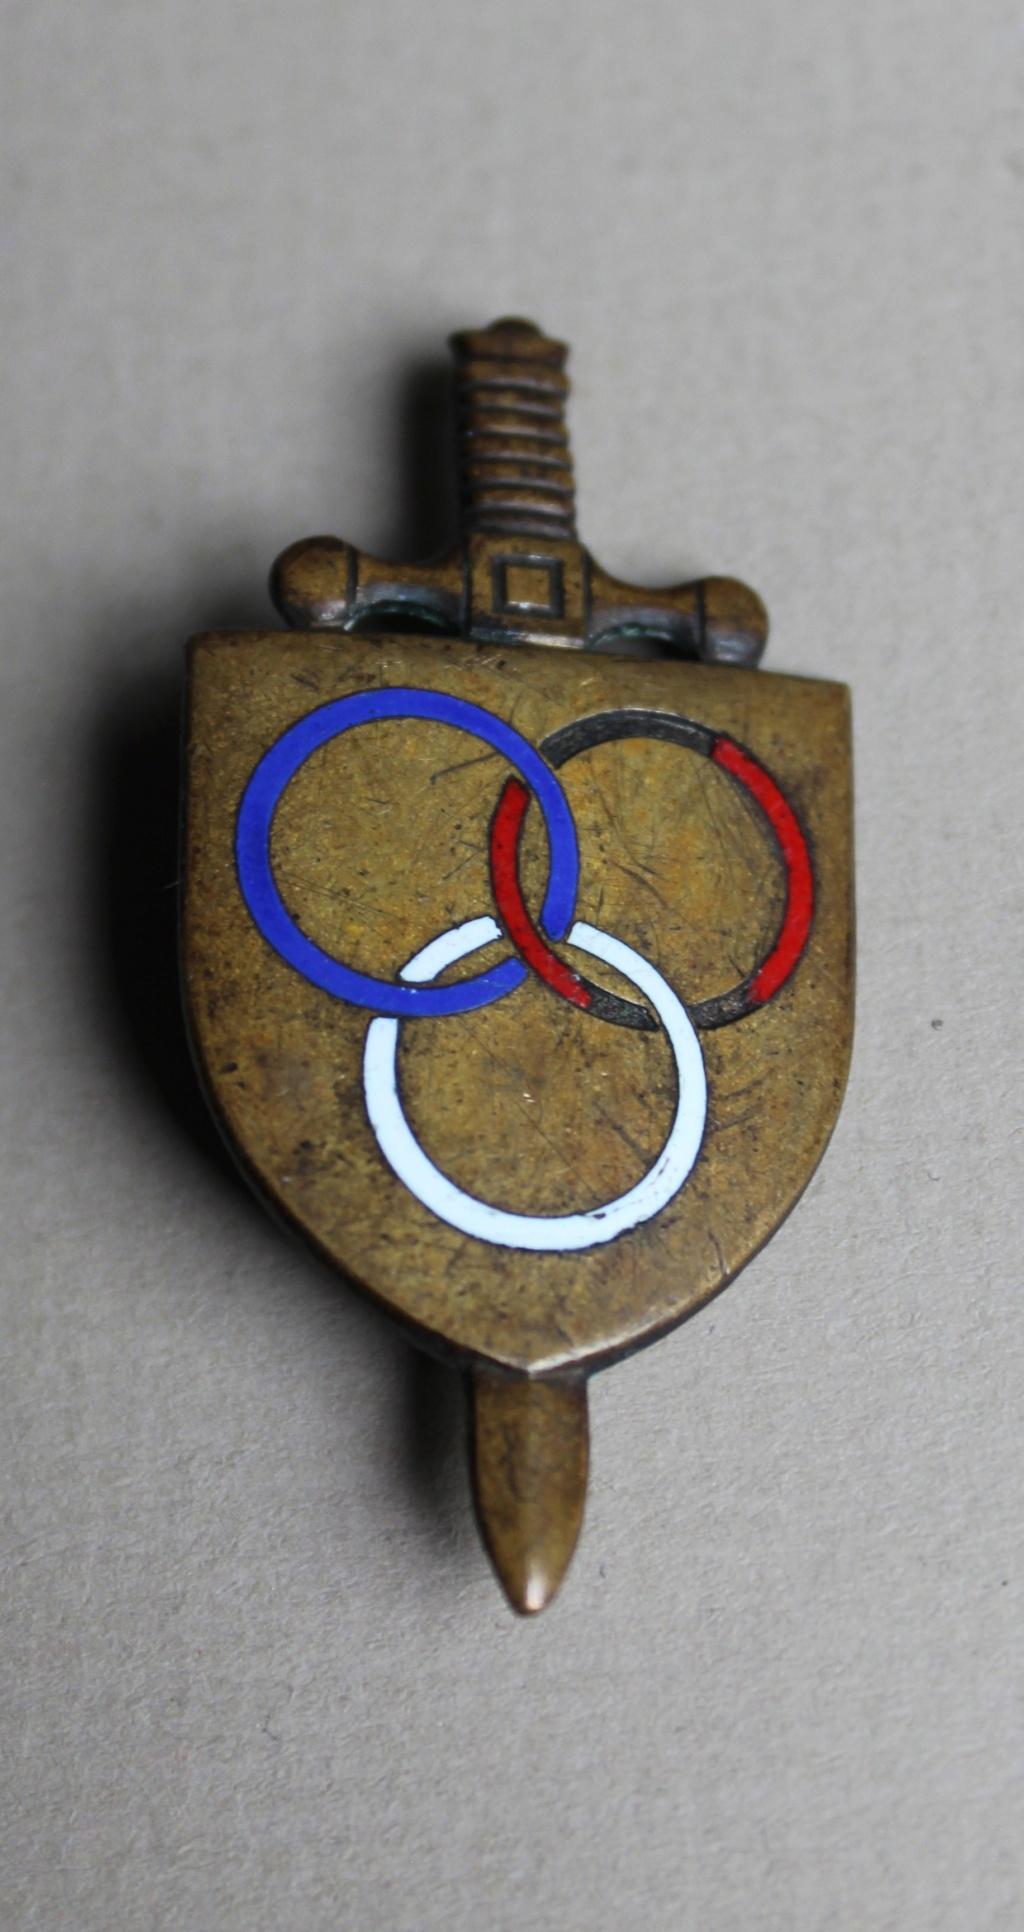 insigne épée 3 anneaux bleu blanc rouge Img_2810